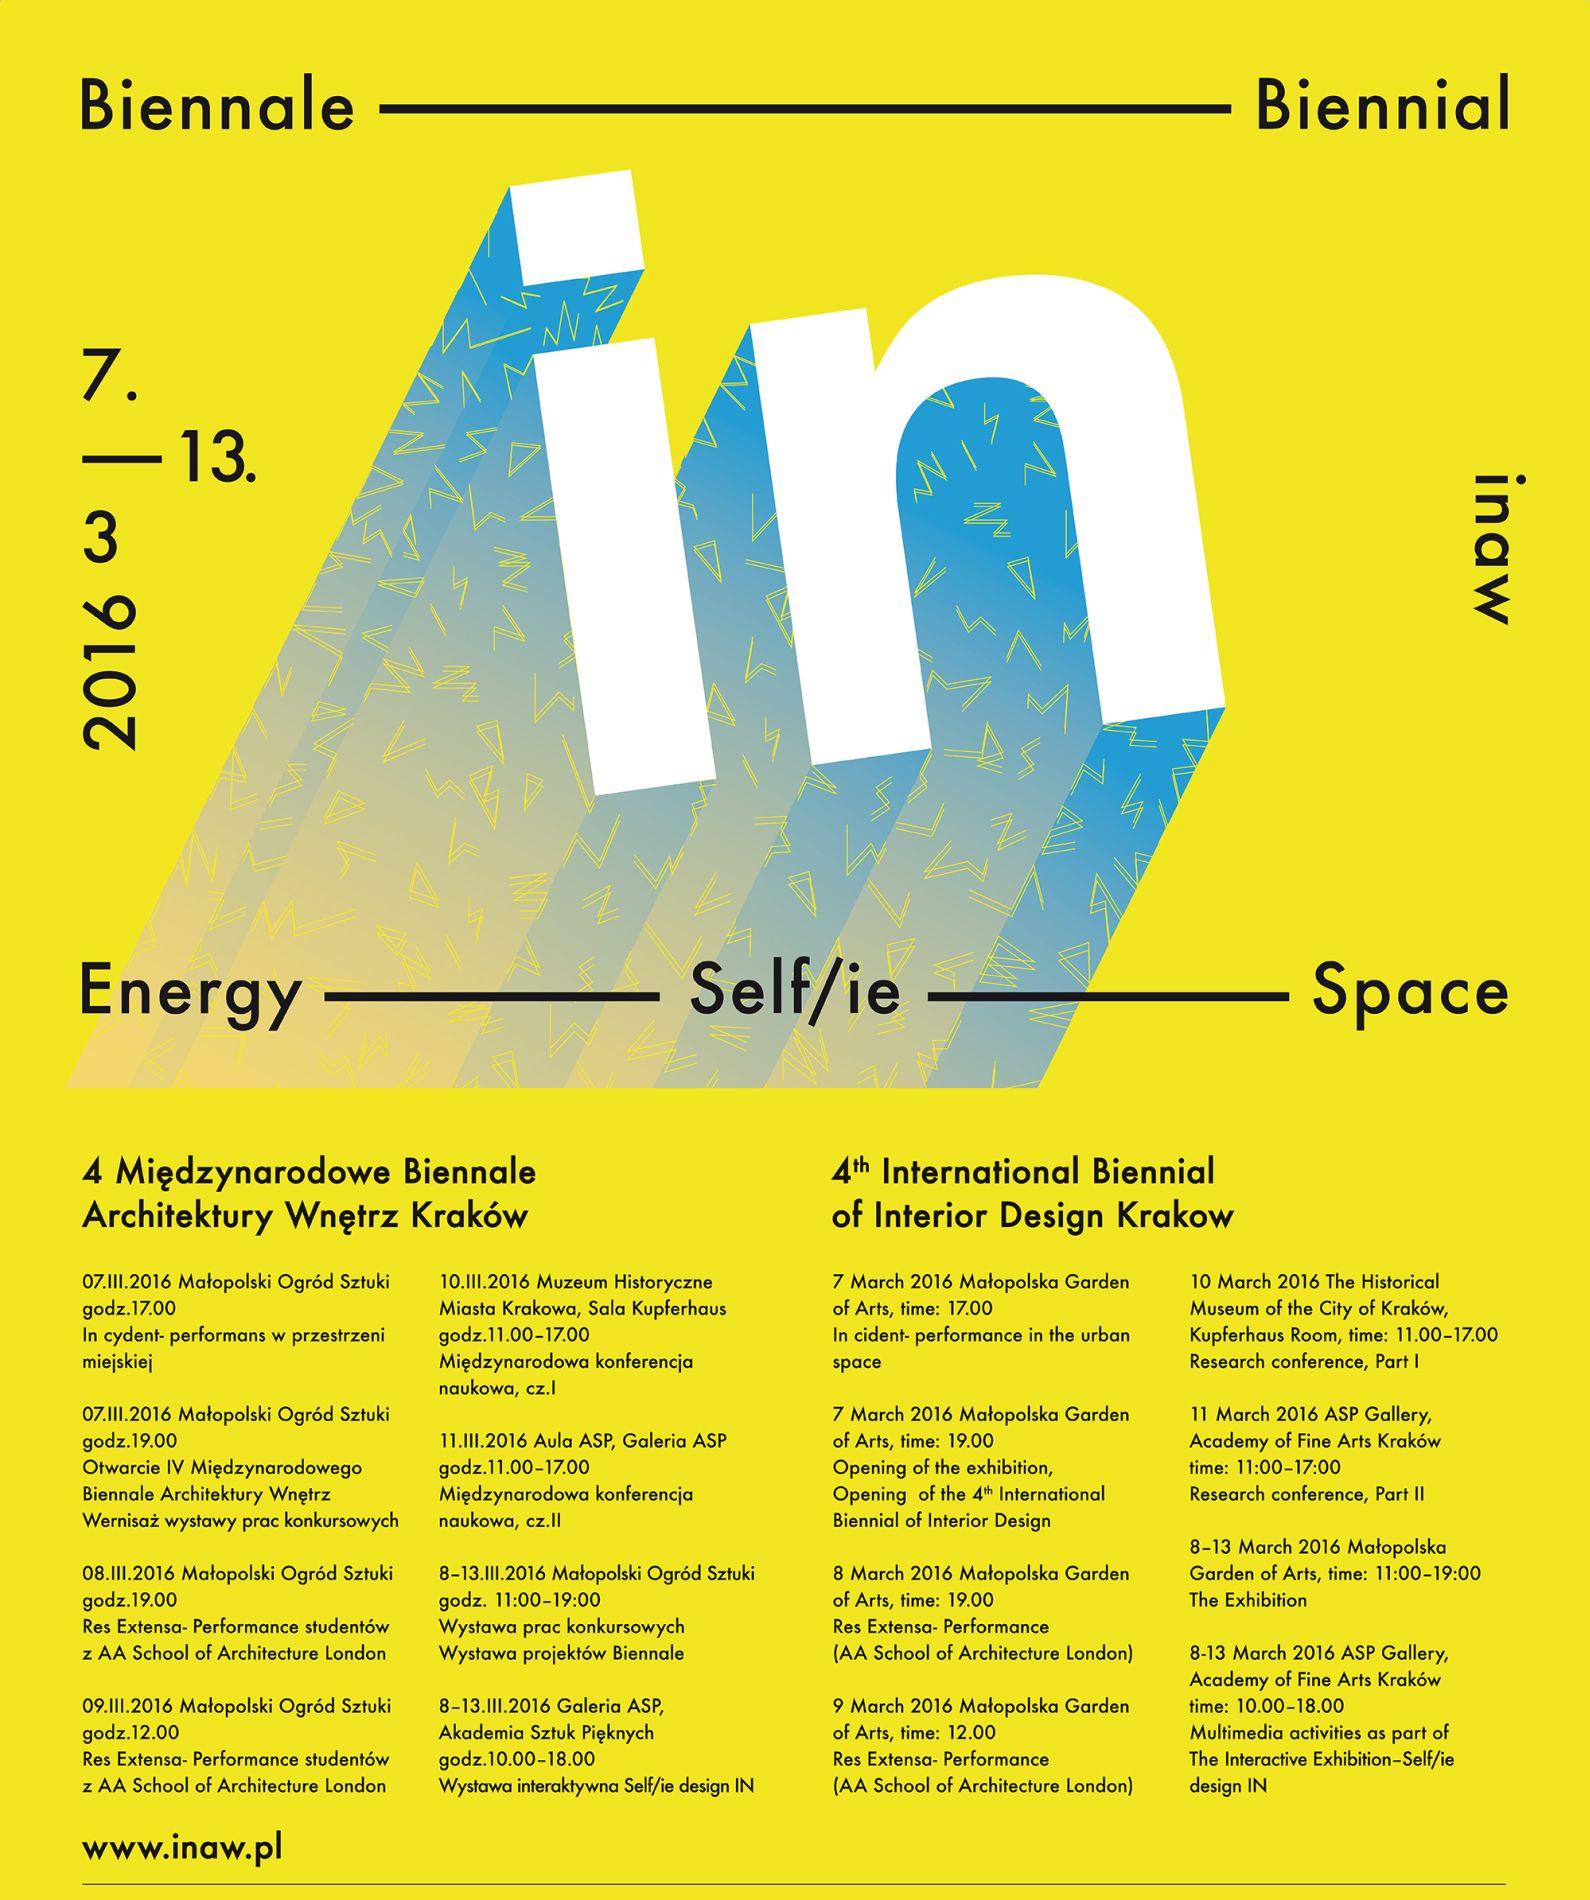 IV Międzynarodowe Biennale Architektury Wnętrz, plakat (źródło: materiały prasowe organizatora)